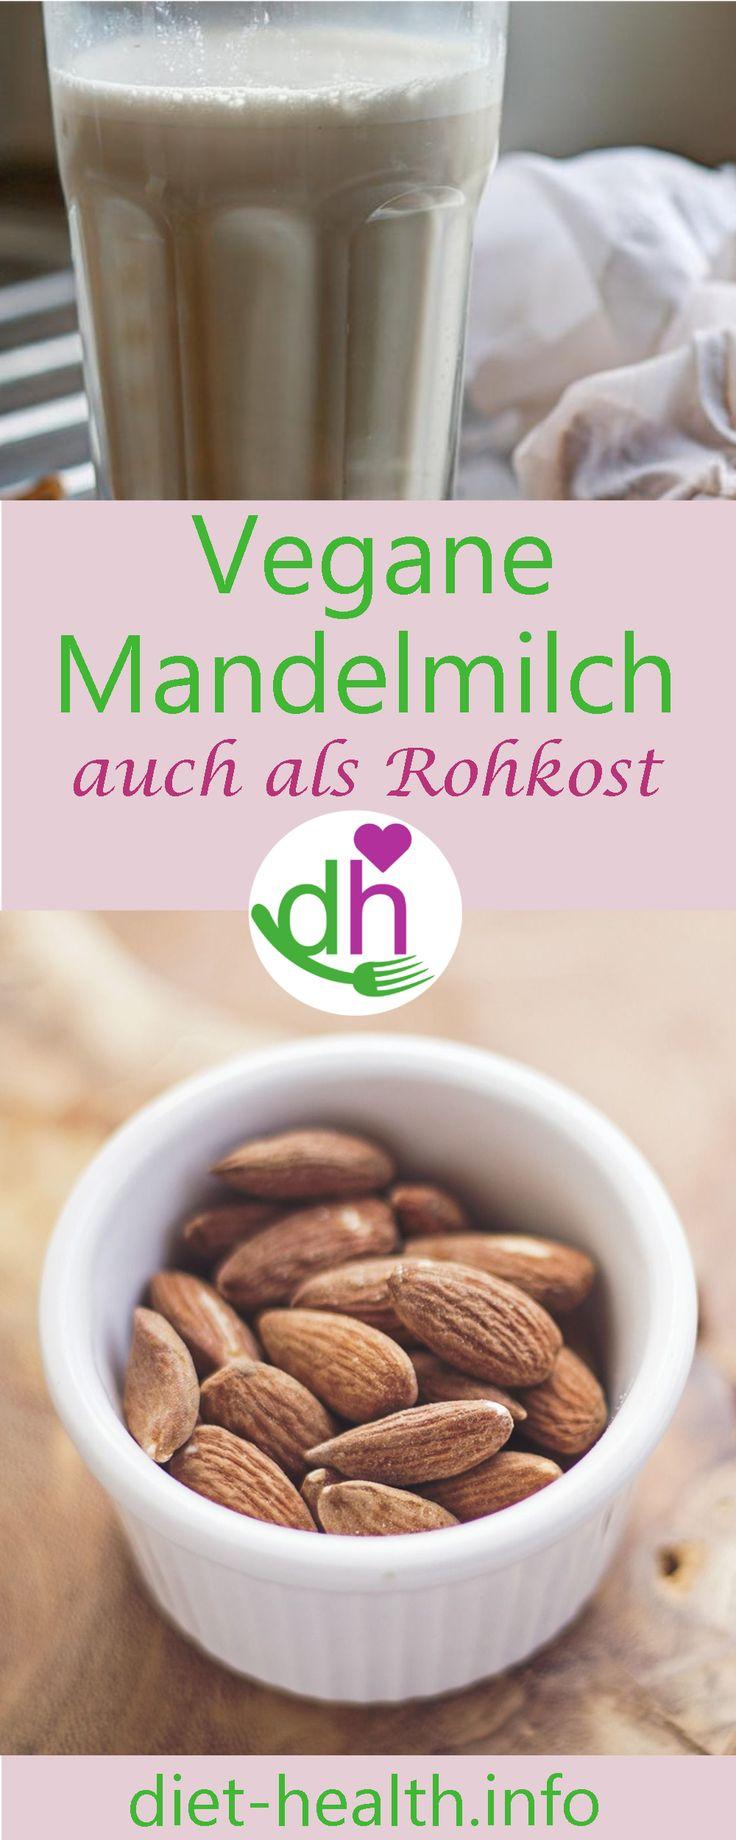 diet & health info: #Mandelmilch ist eine leckere Pflanzenmilch-Variante! Gelingsicheres Rezept für die eigene Herstellung von Mandelmilch! #vegan #plantbased